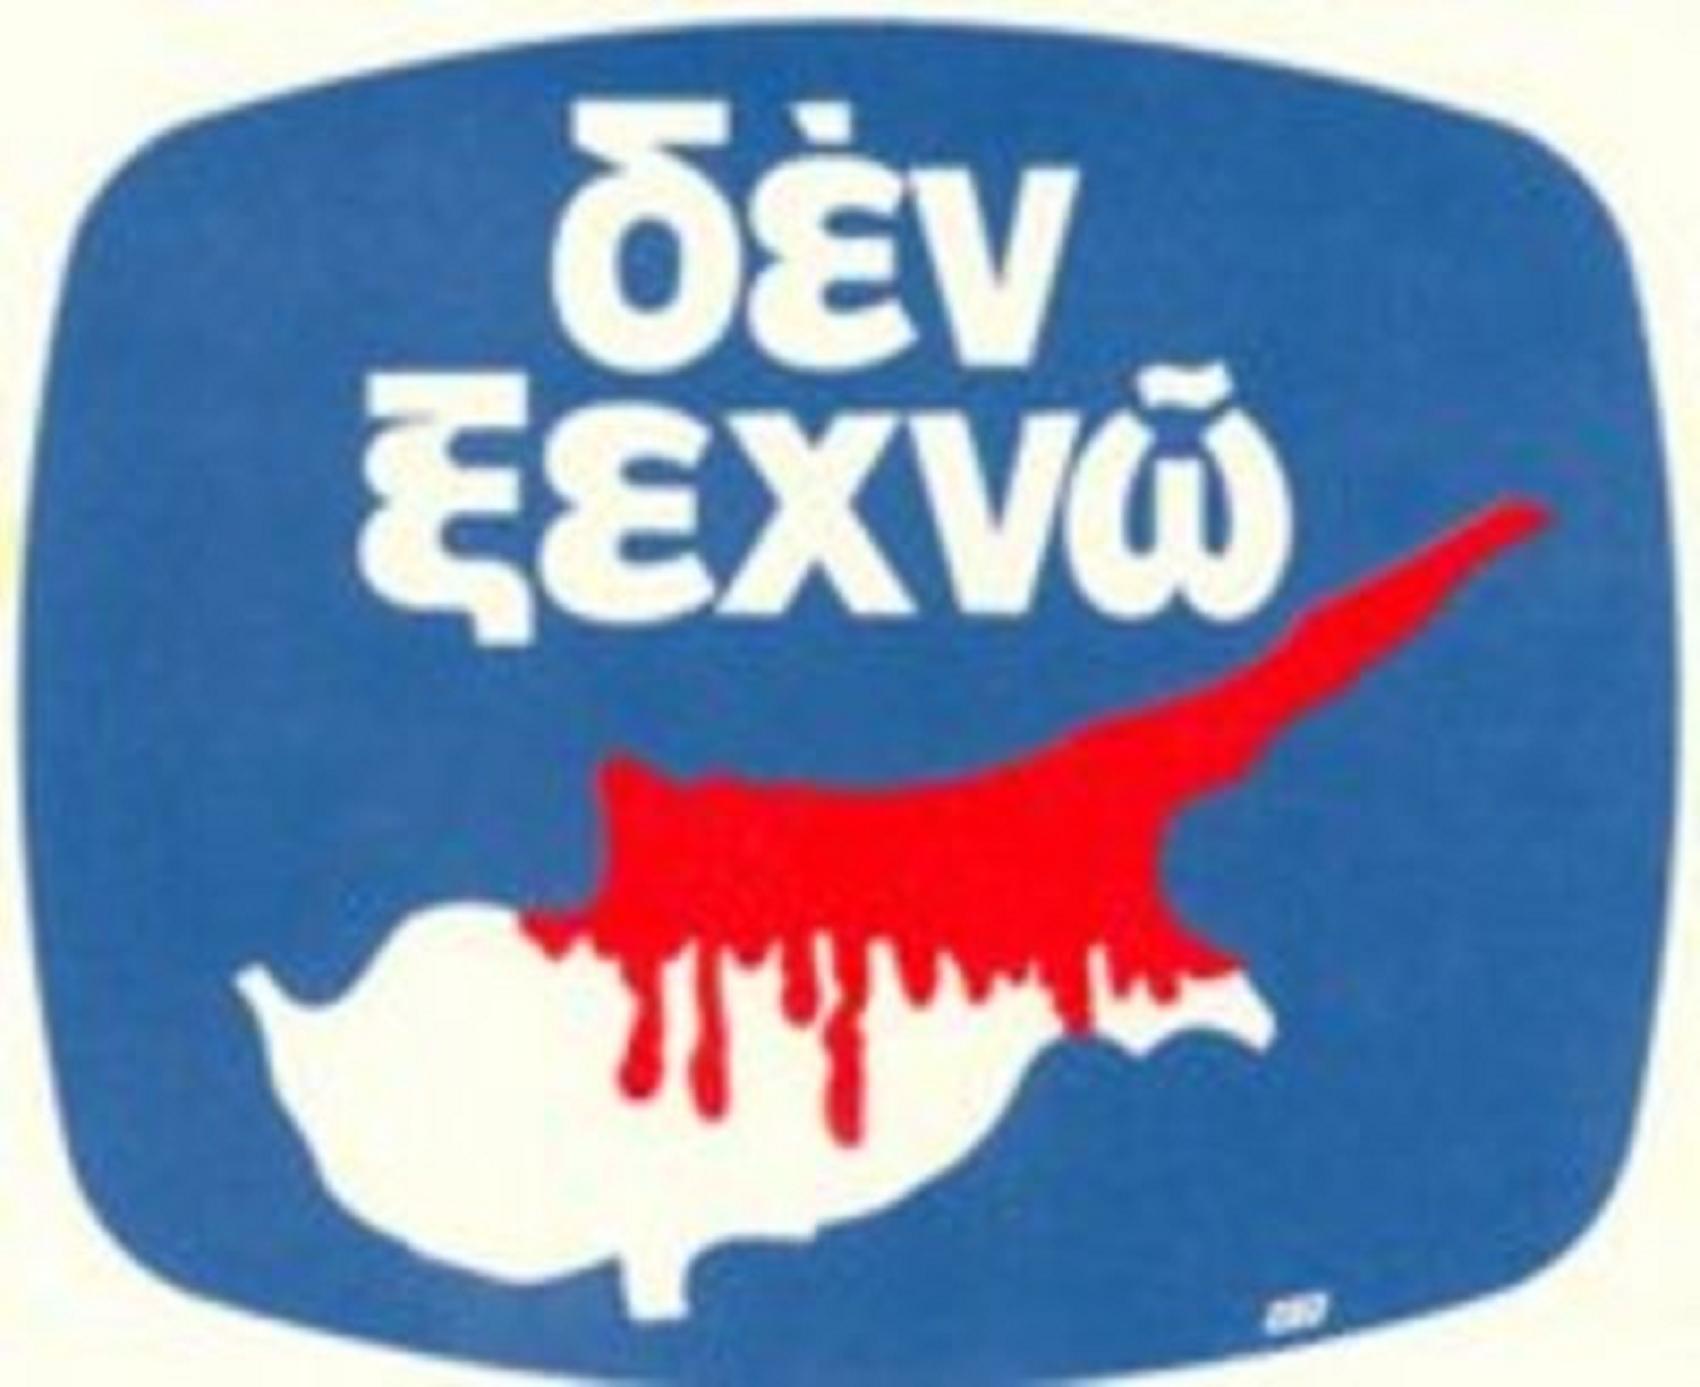 Ἡ Κύπρος μετὰ τὶς ἐκλογές.